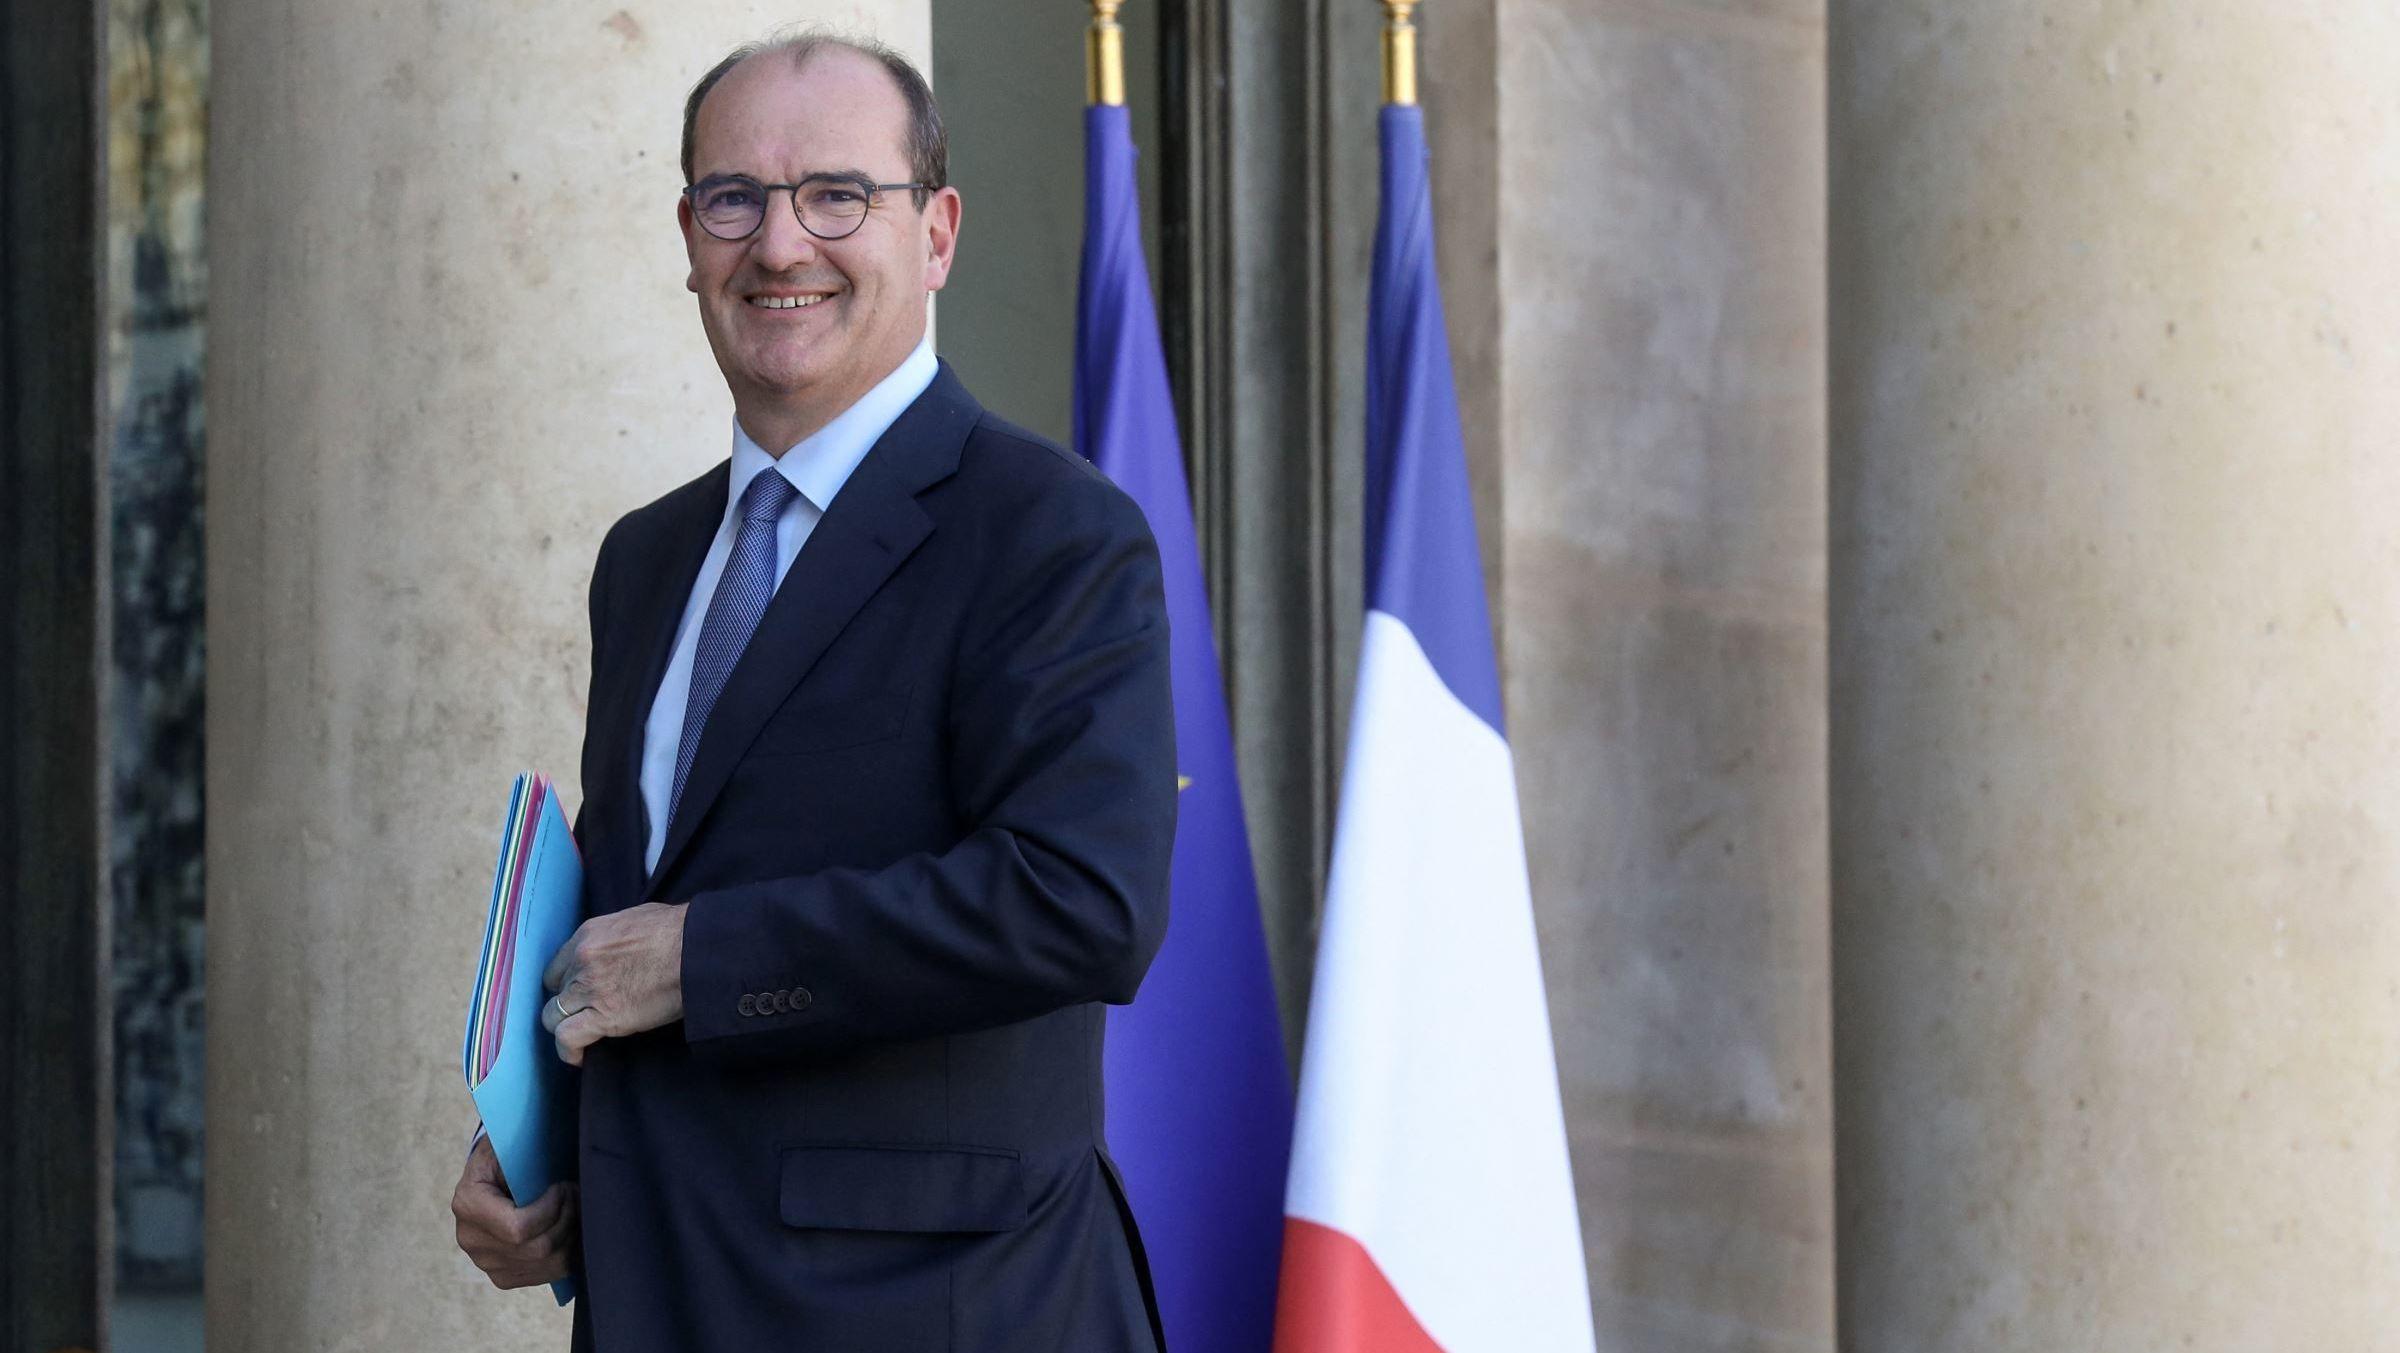 Jean Castex et son épouse posent en Une de Paris Match... Le Premier ministre moqué sur les réseaux sociaux